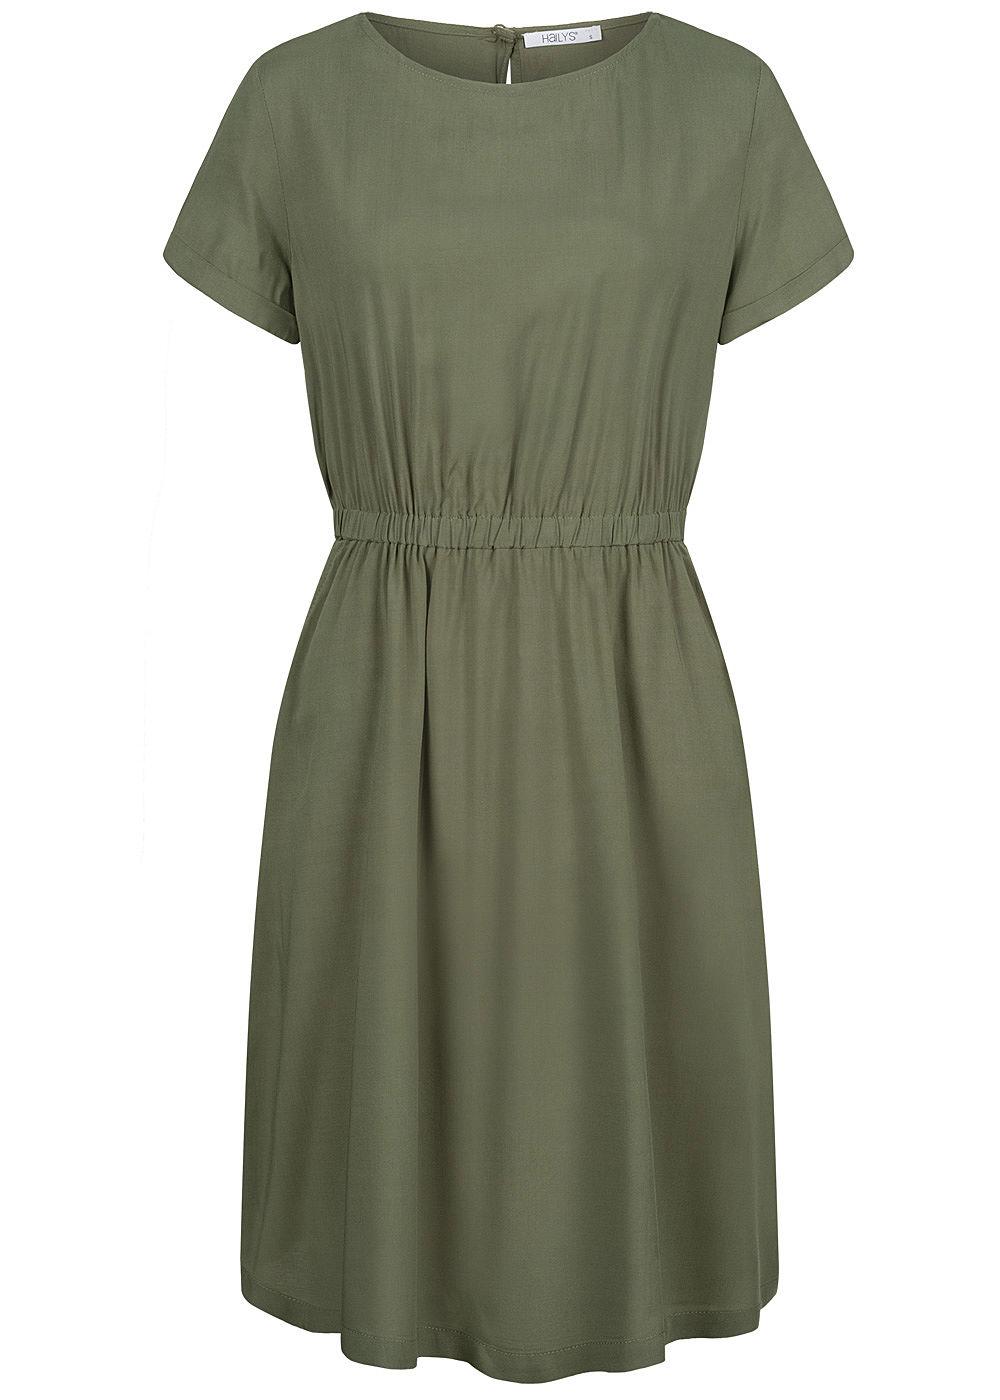 Hailys Damen Kleid 17-Pockets Taillengummibund khaki grün